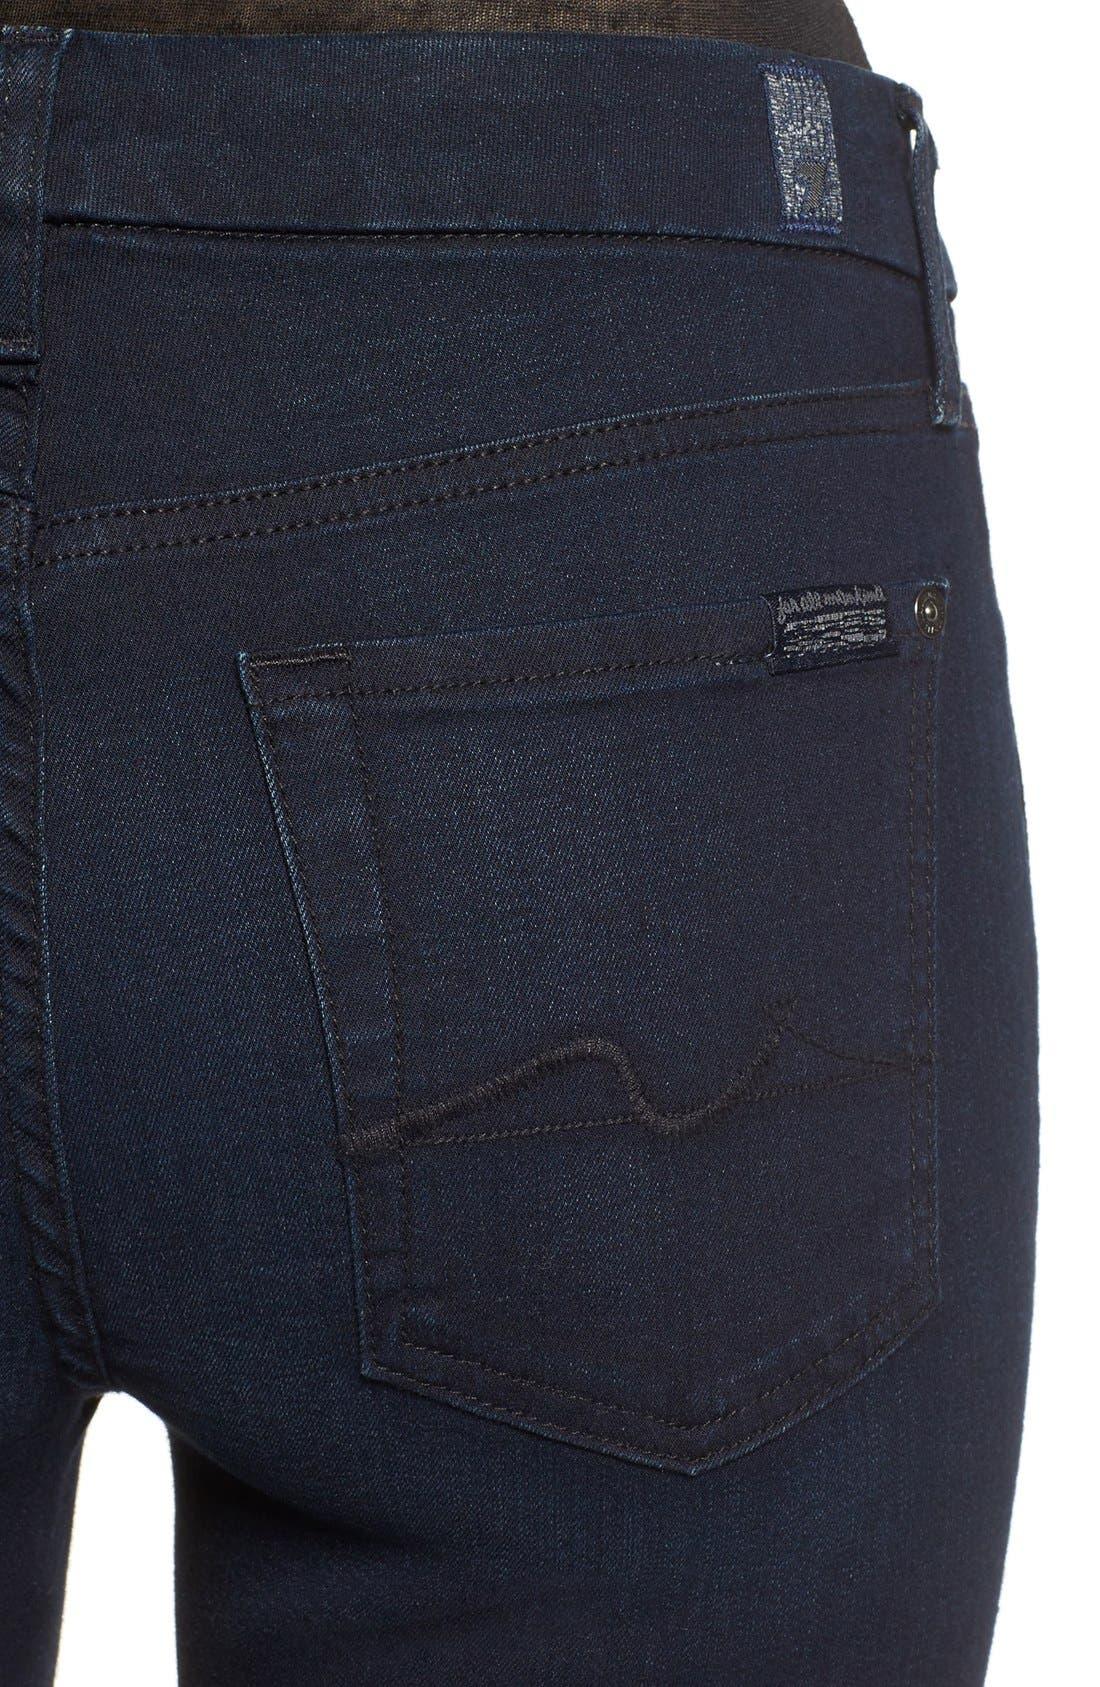 'b(air) - Kimmie' Straight Leg Jeans,                             Alternate thumbnail 4, color,                             400